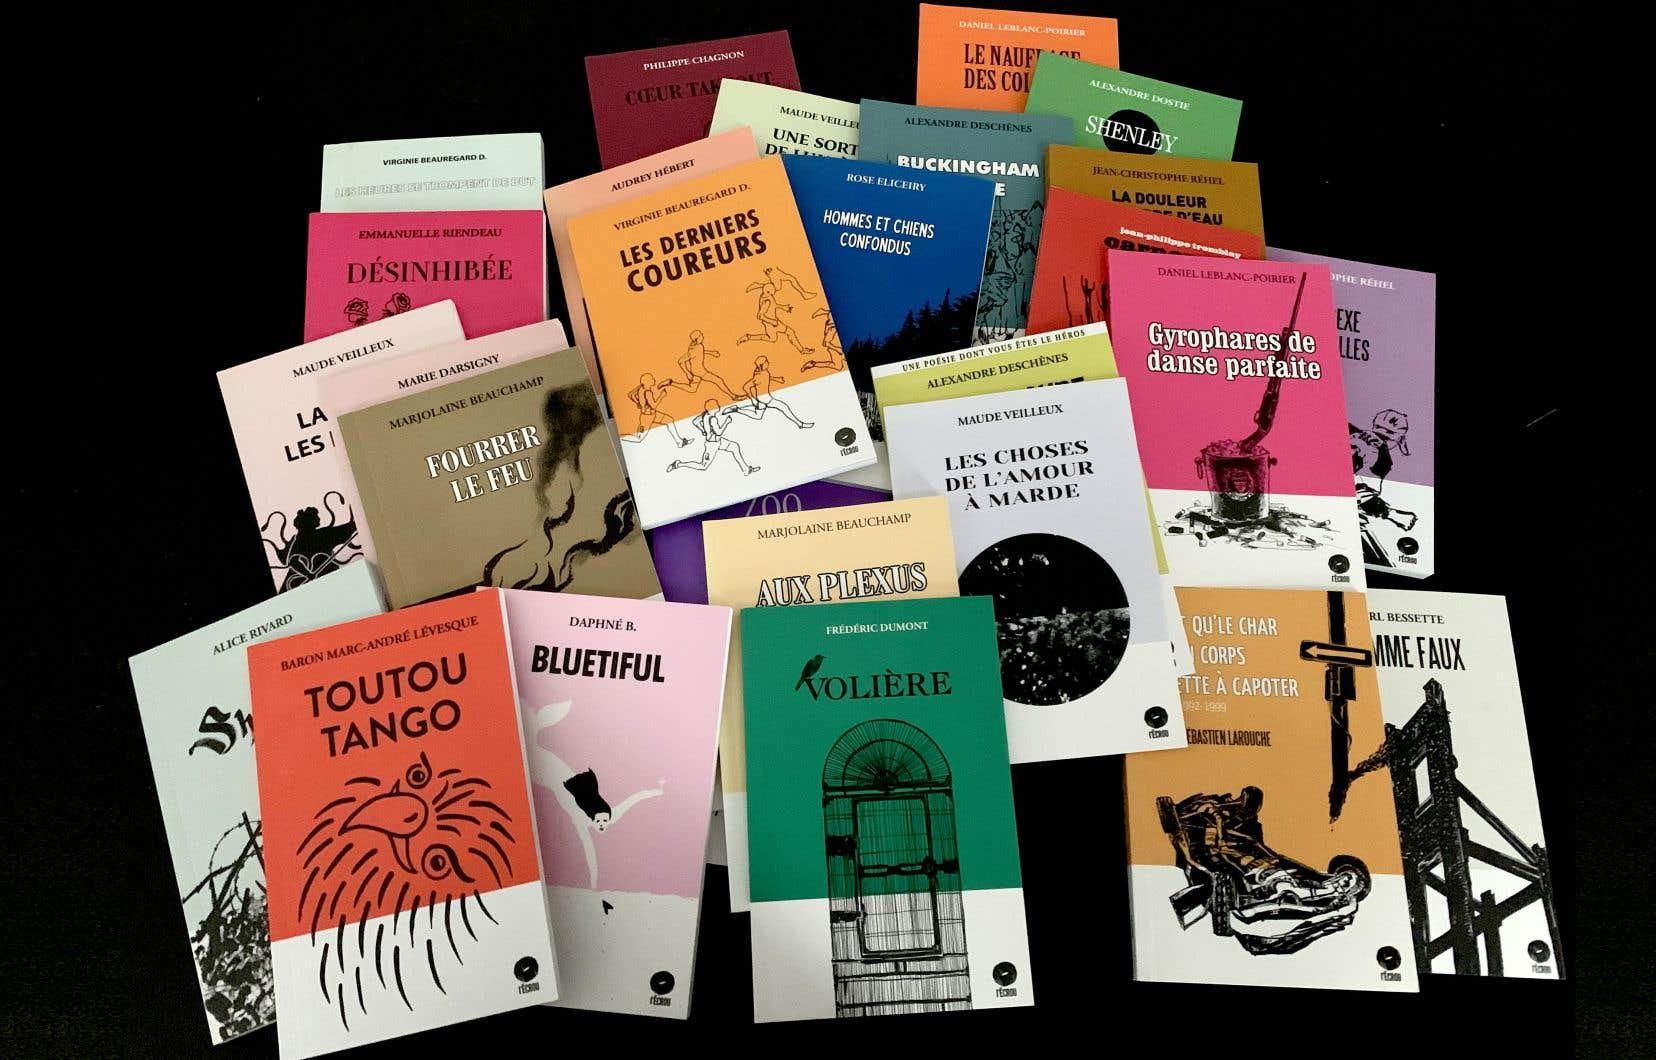 Les recueils aux couvertures voyantes et colorées recèleront des textes faisant la part belle à l'oralité, à l'humour, à la colère et à l'émotion franche.